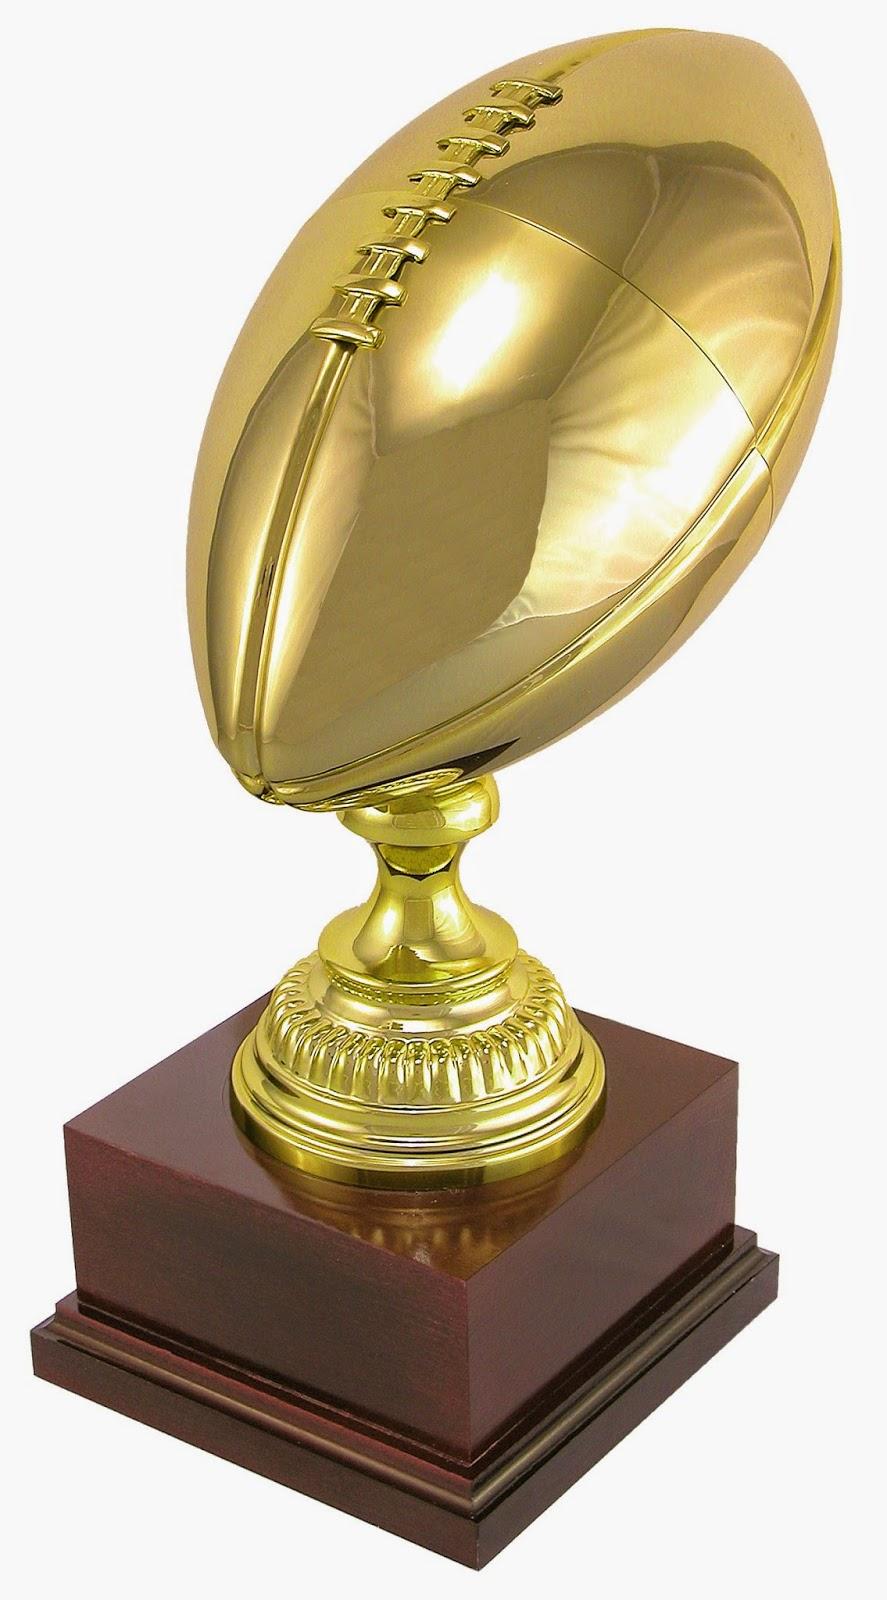 NFL best of class 2014